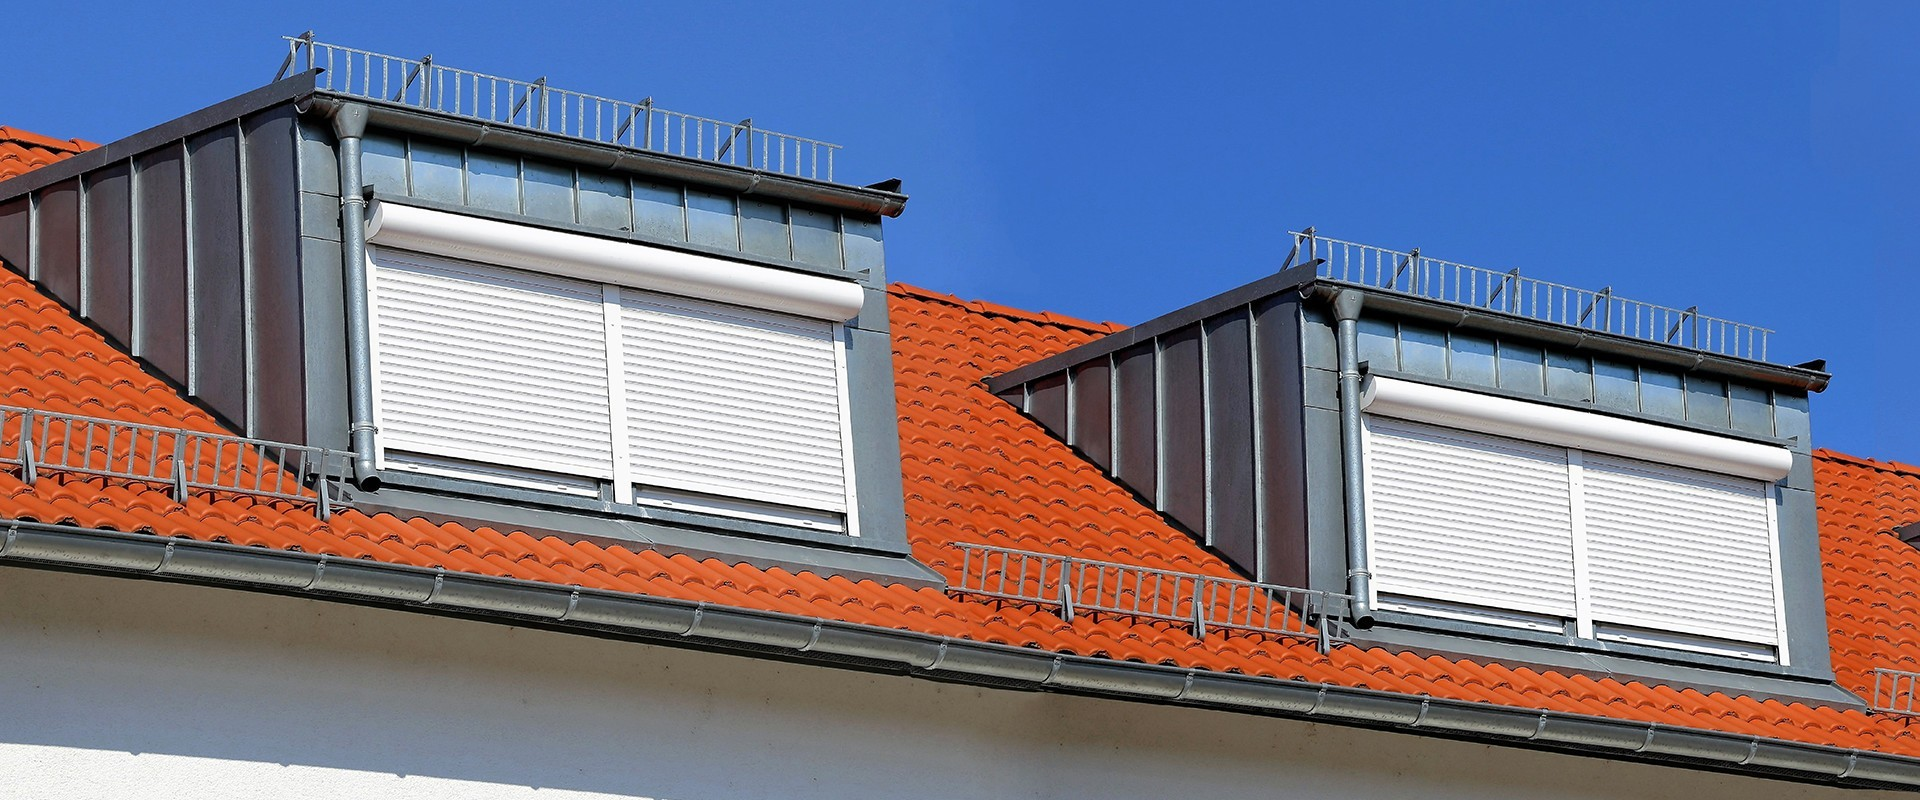 Dachdeckerei und Spenglerei Zwölfer